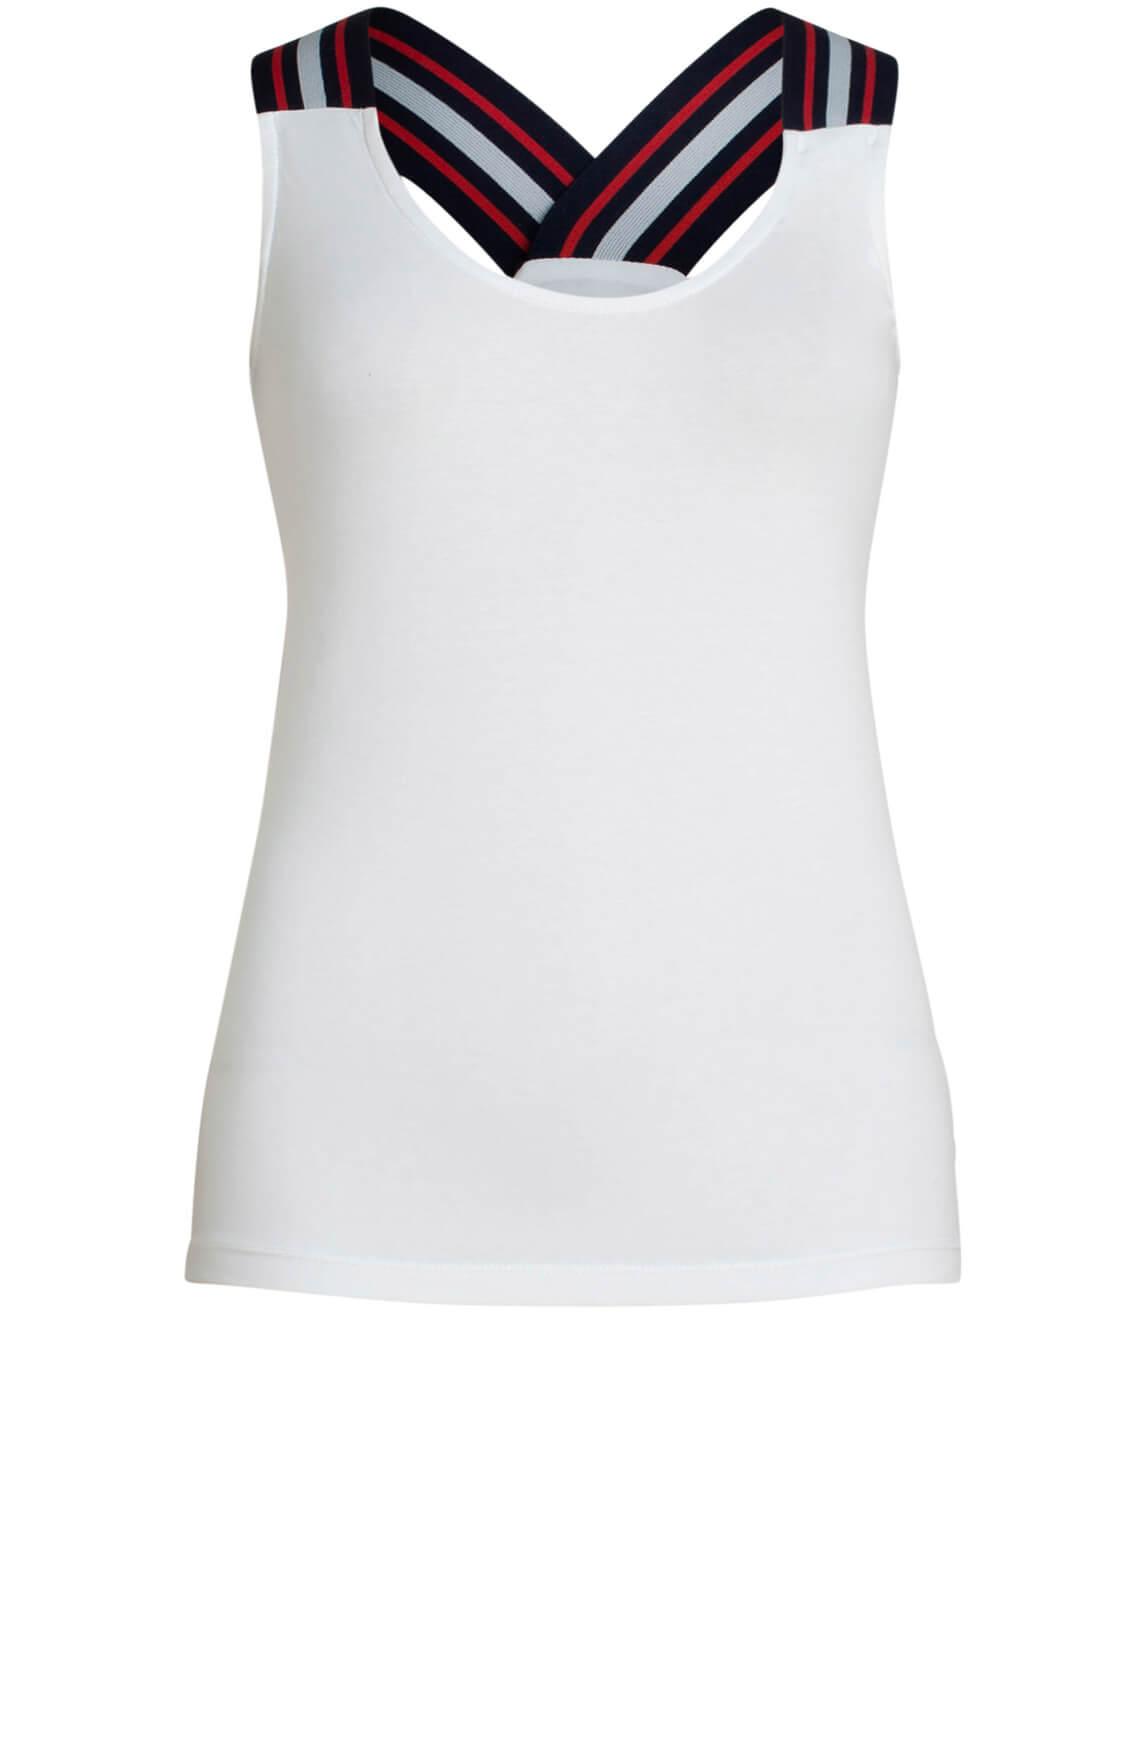 Anna Blue Dames Top met brede bandjes wit